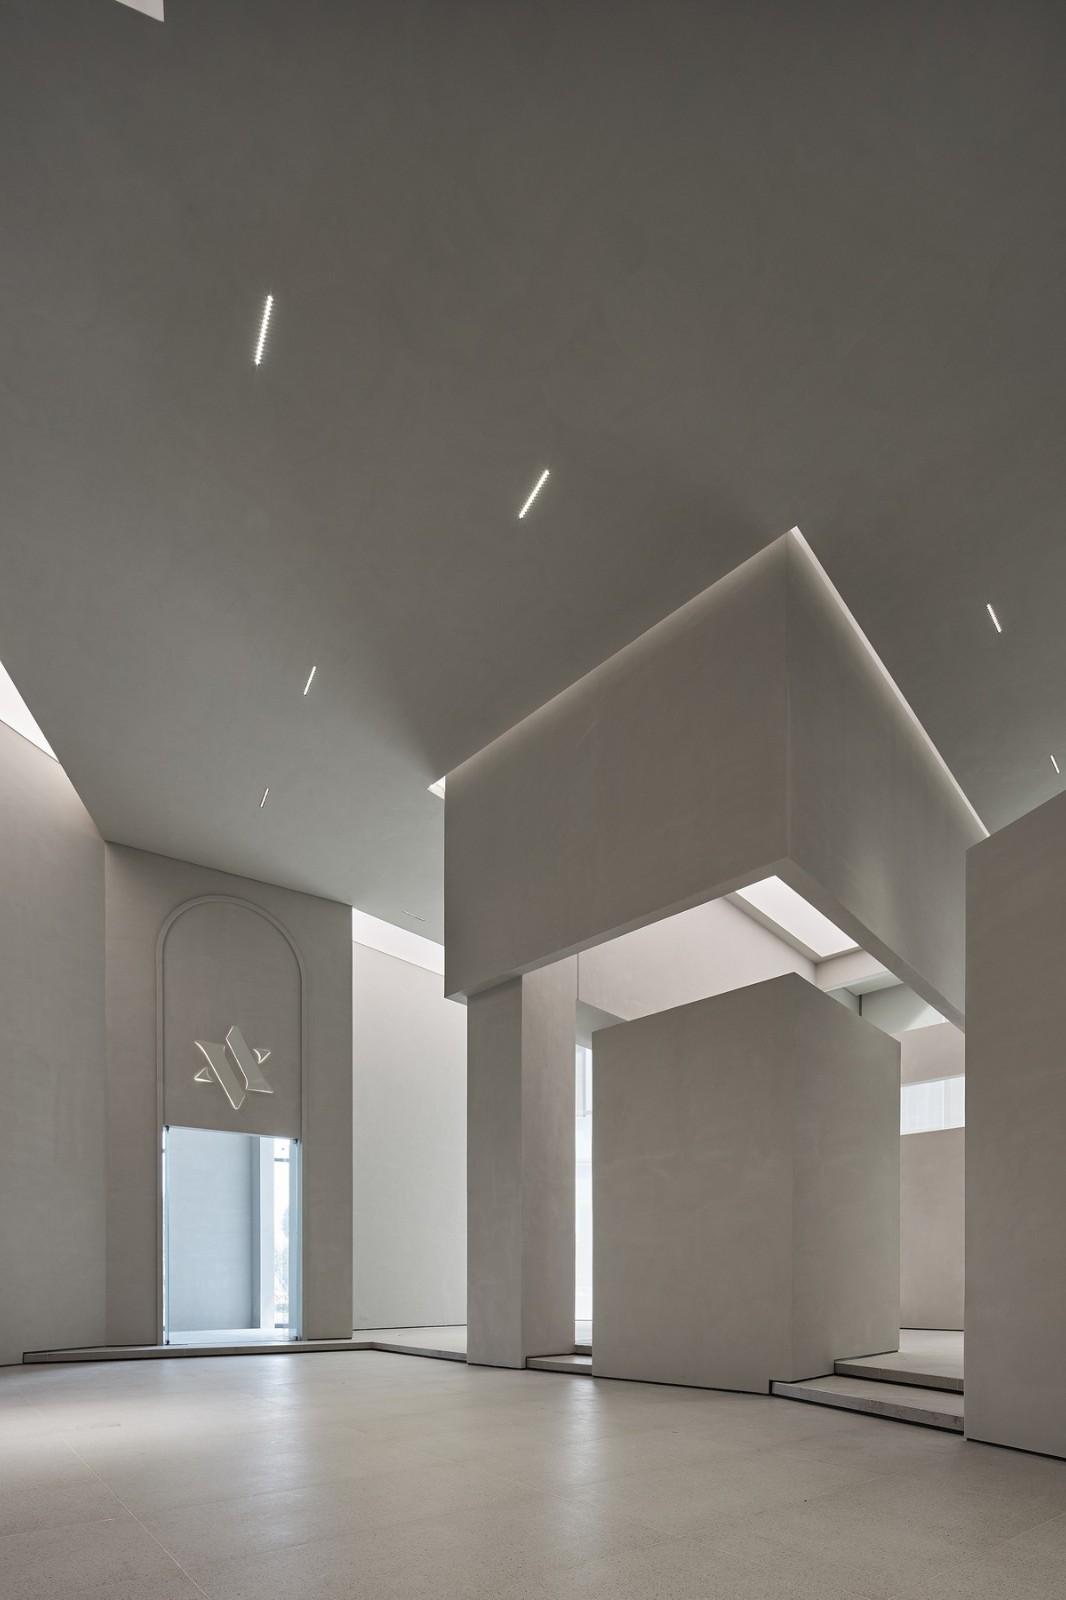 杭州 ALVIN 影像艺术空间 室内设计 / 品界设计